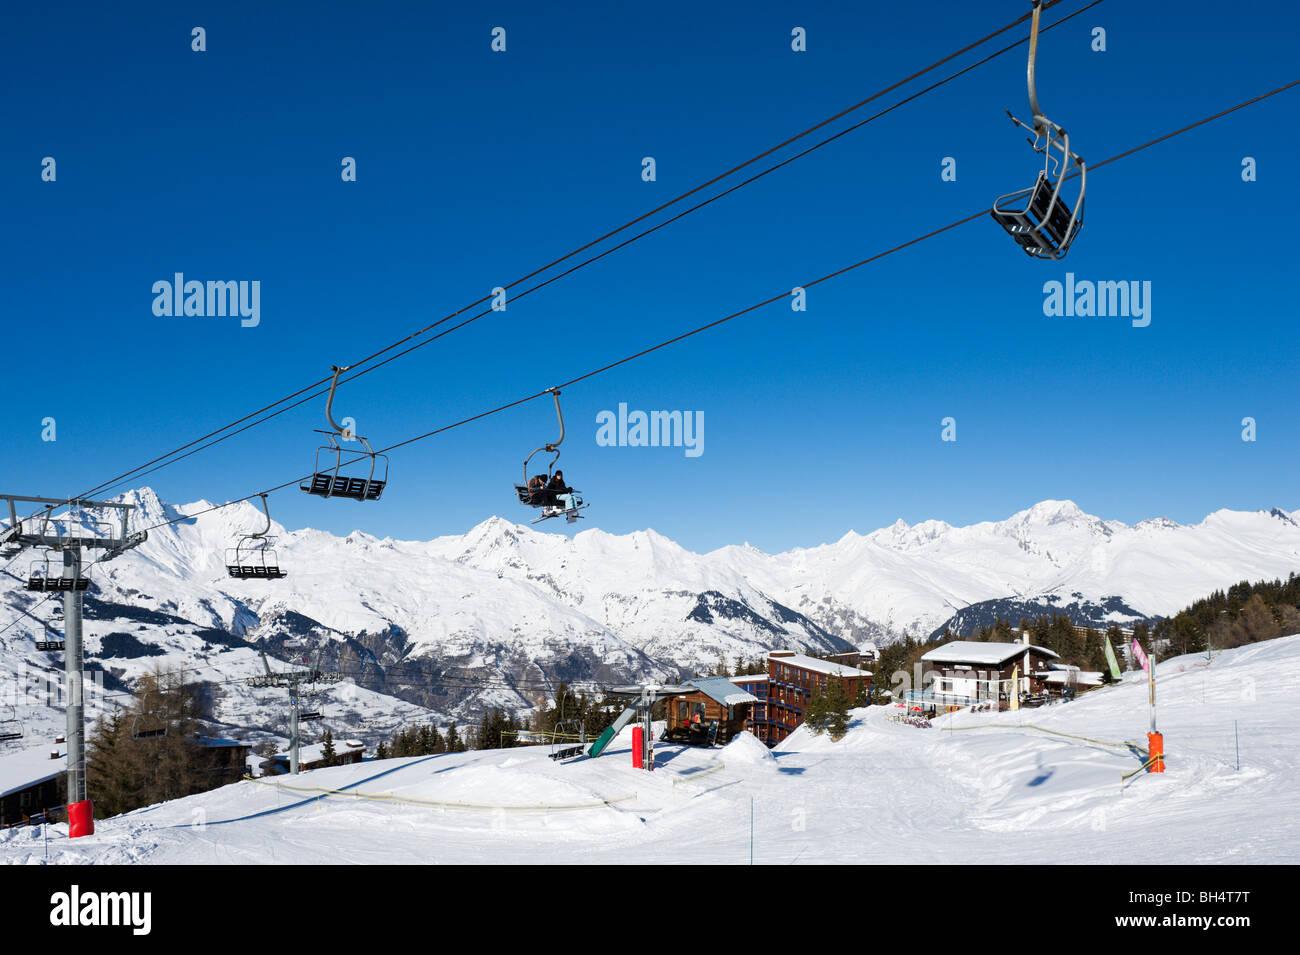 Il Charmettoger seggiovia vicino al centro del resort, Arc 1800, Les Arcs,,Tarentaise, Savoie, Francia Immagini Stock